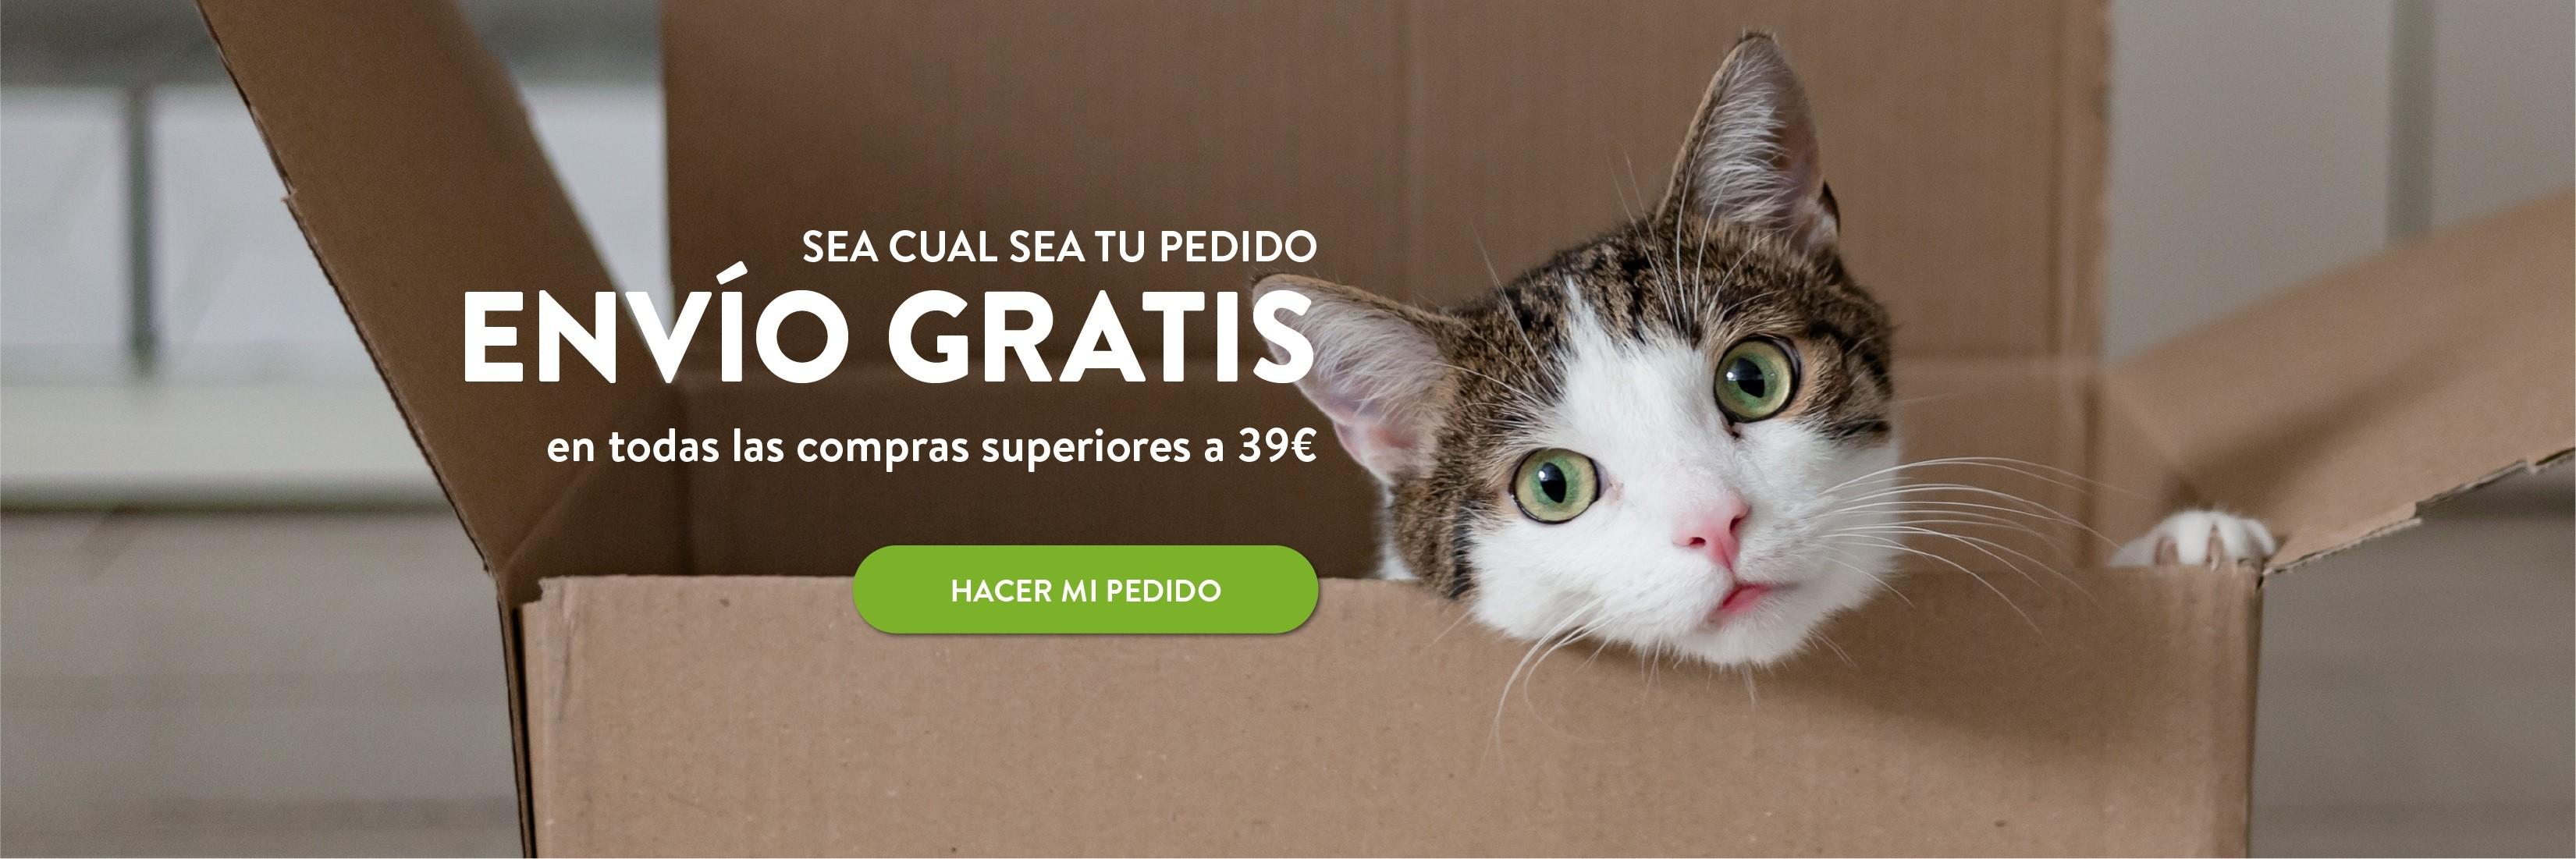 Envio Gratis en todas las compras superiores a 39€